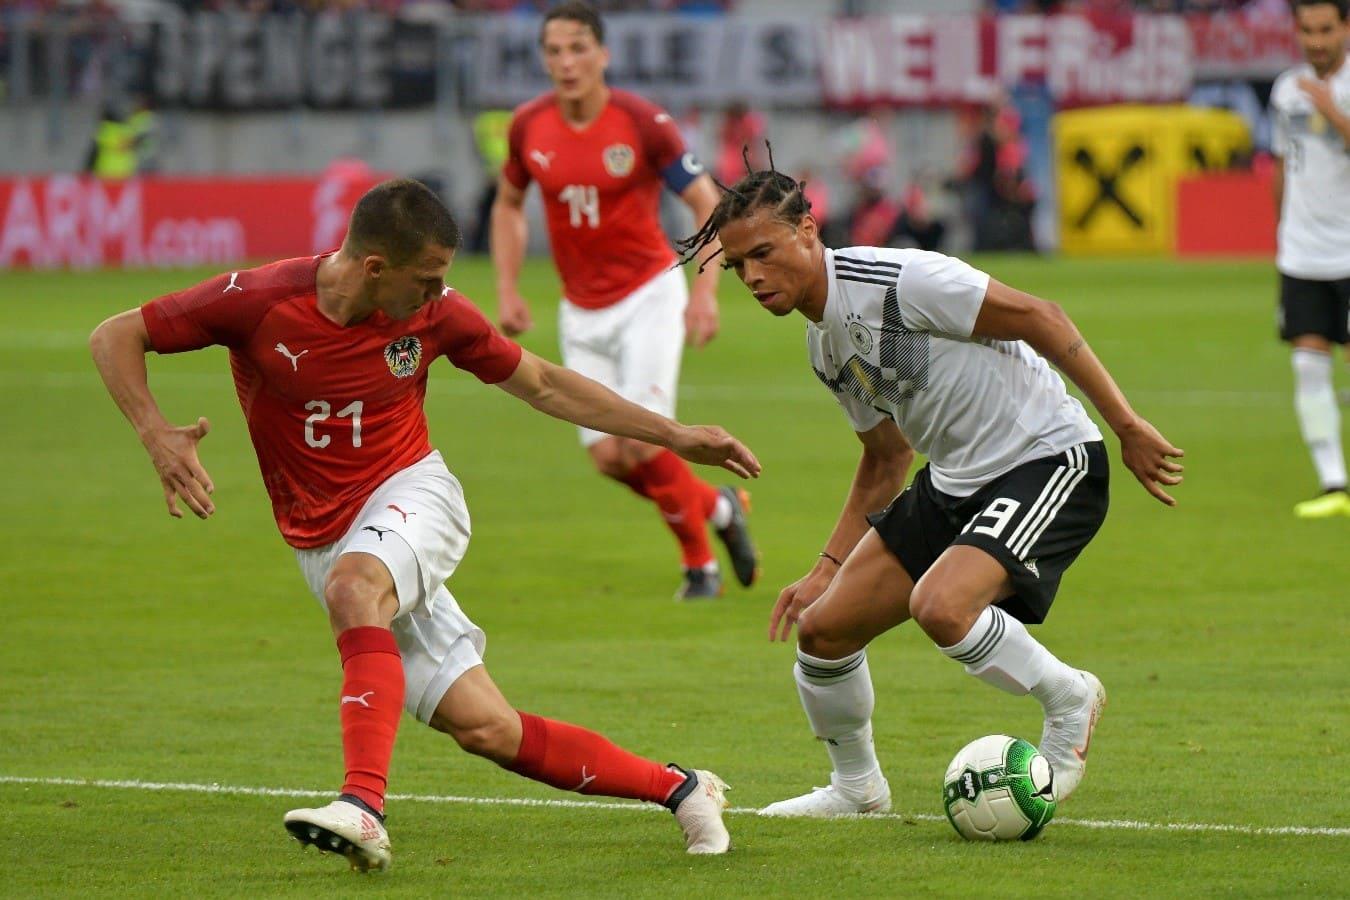 La importancia de los cambios de orientación en el fútbol